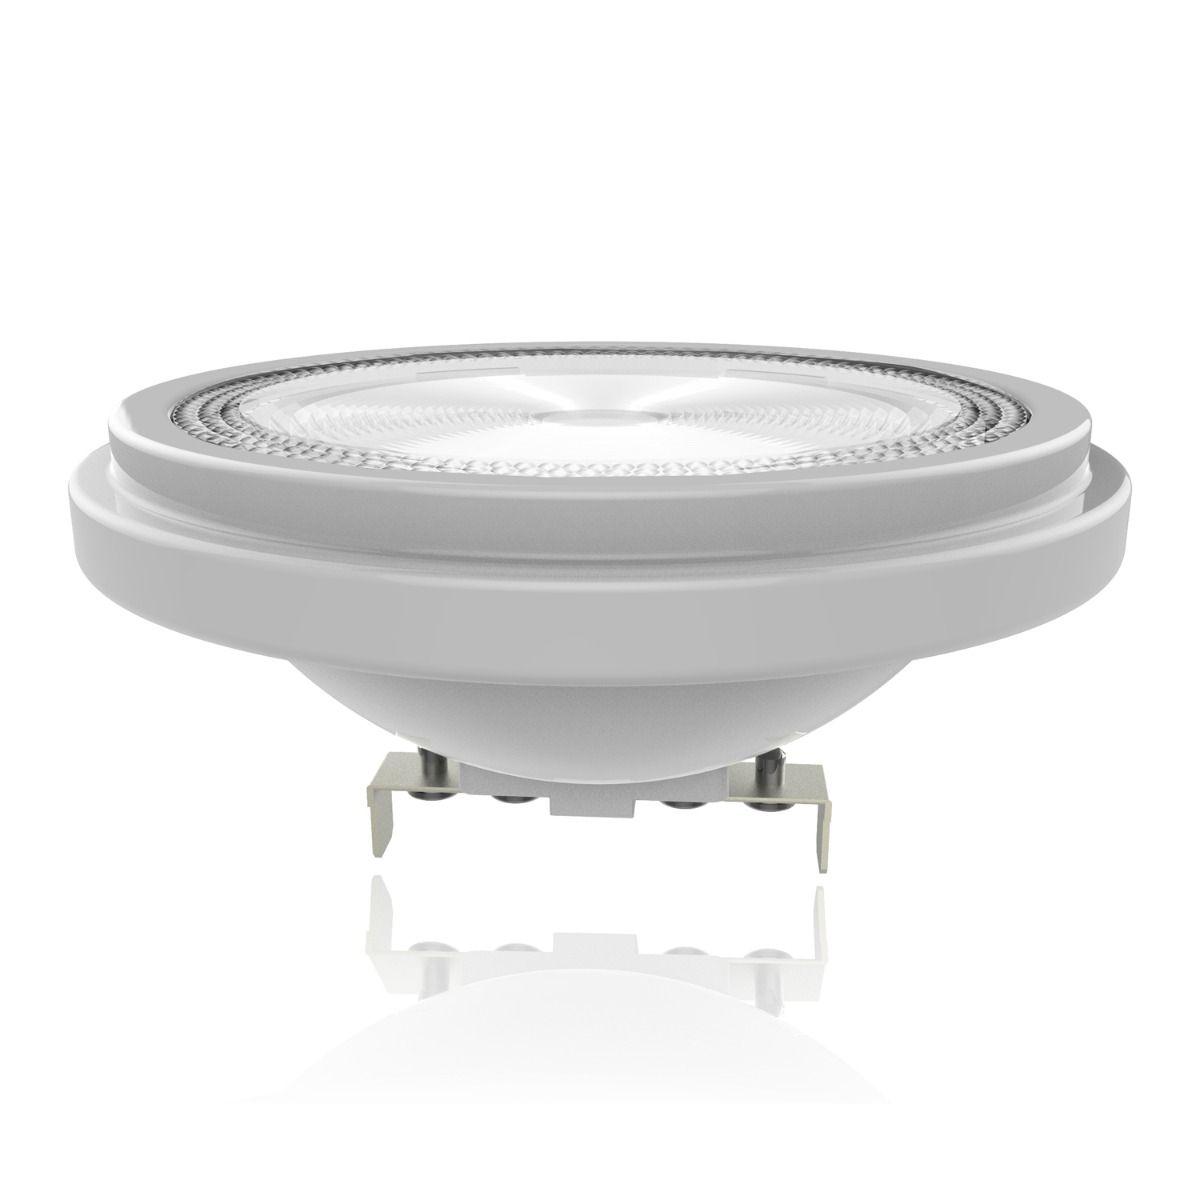 Noxion Lucent Spot LED AR111 G53 12V 11.5W 927 40D | Dimmable - Meilleur rendu des couleurs - Substitut 75W